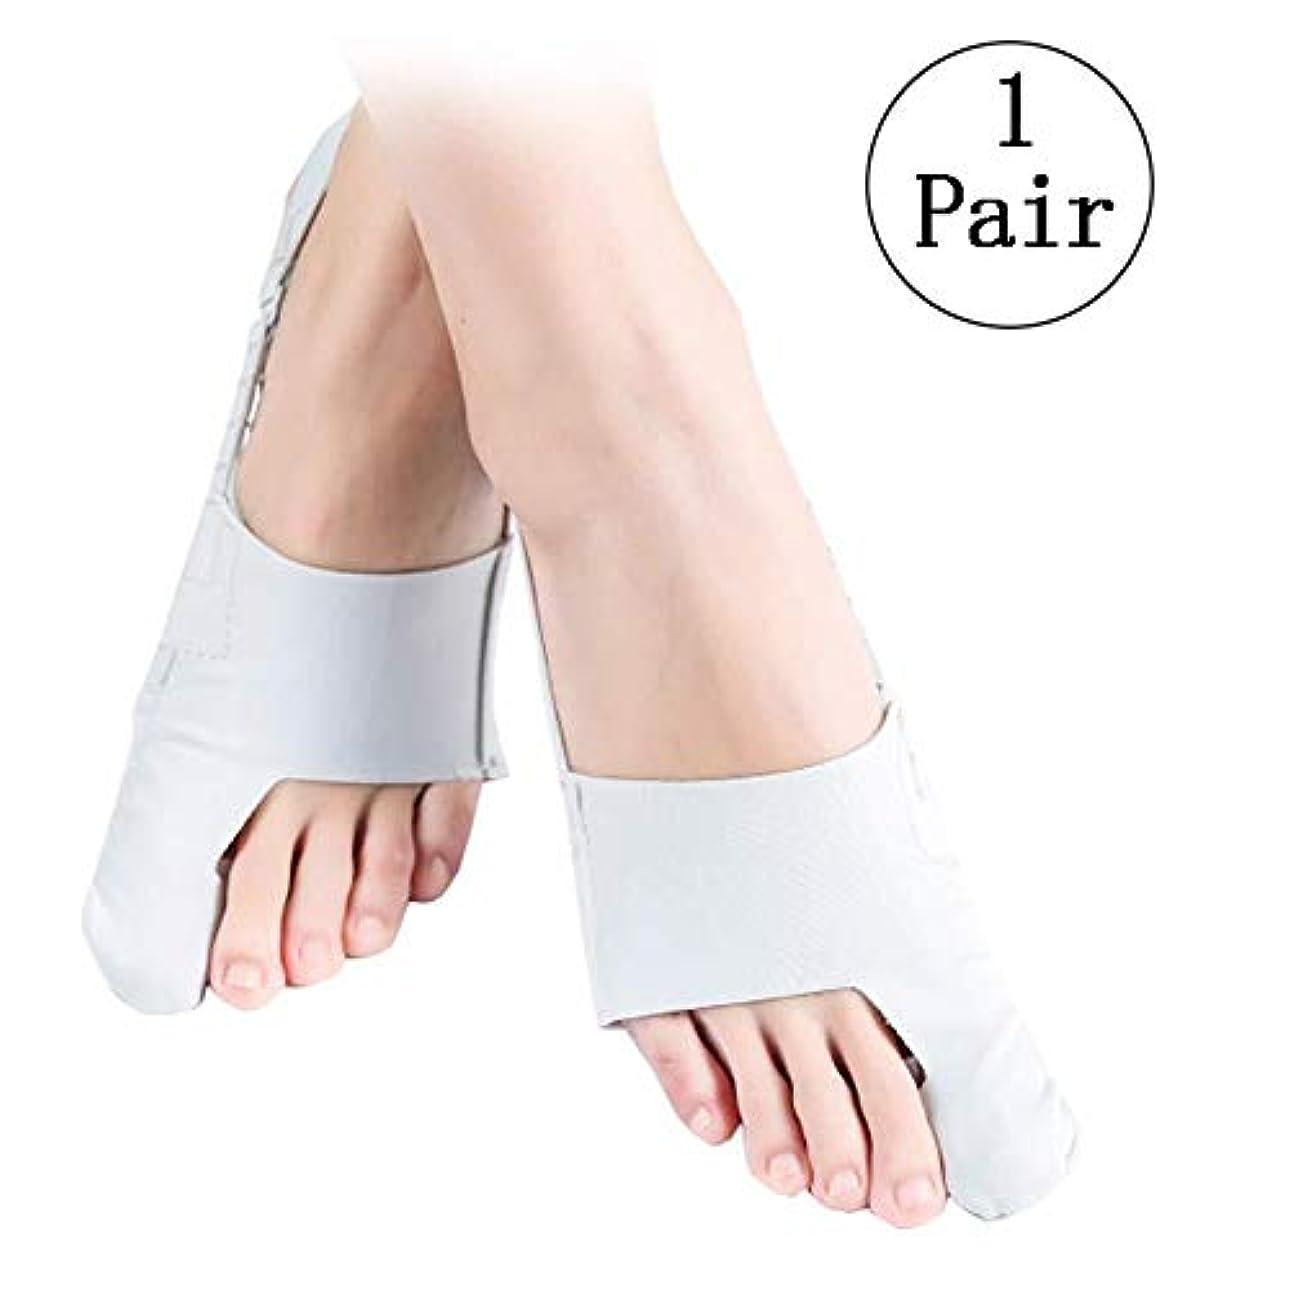 囲むアスレチックおとこ腿のつま先アライナーとスプレッダー、足の親指の外反母toの足のアライメントを備えた足の親指の矯正、夜間および昼間のキット,22-23cm